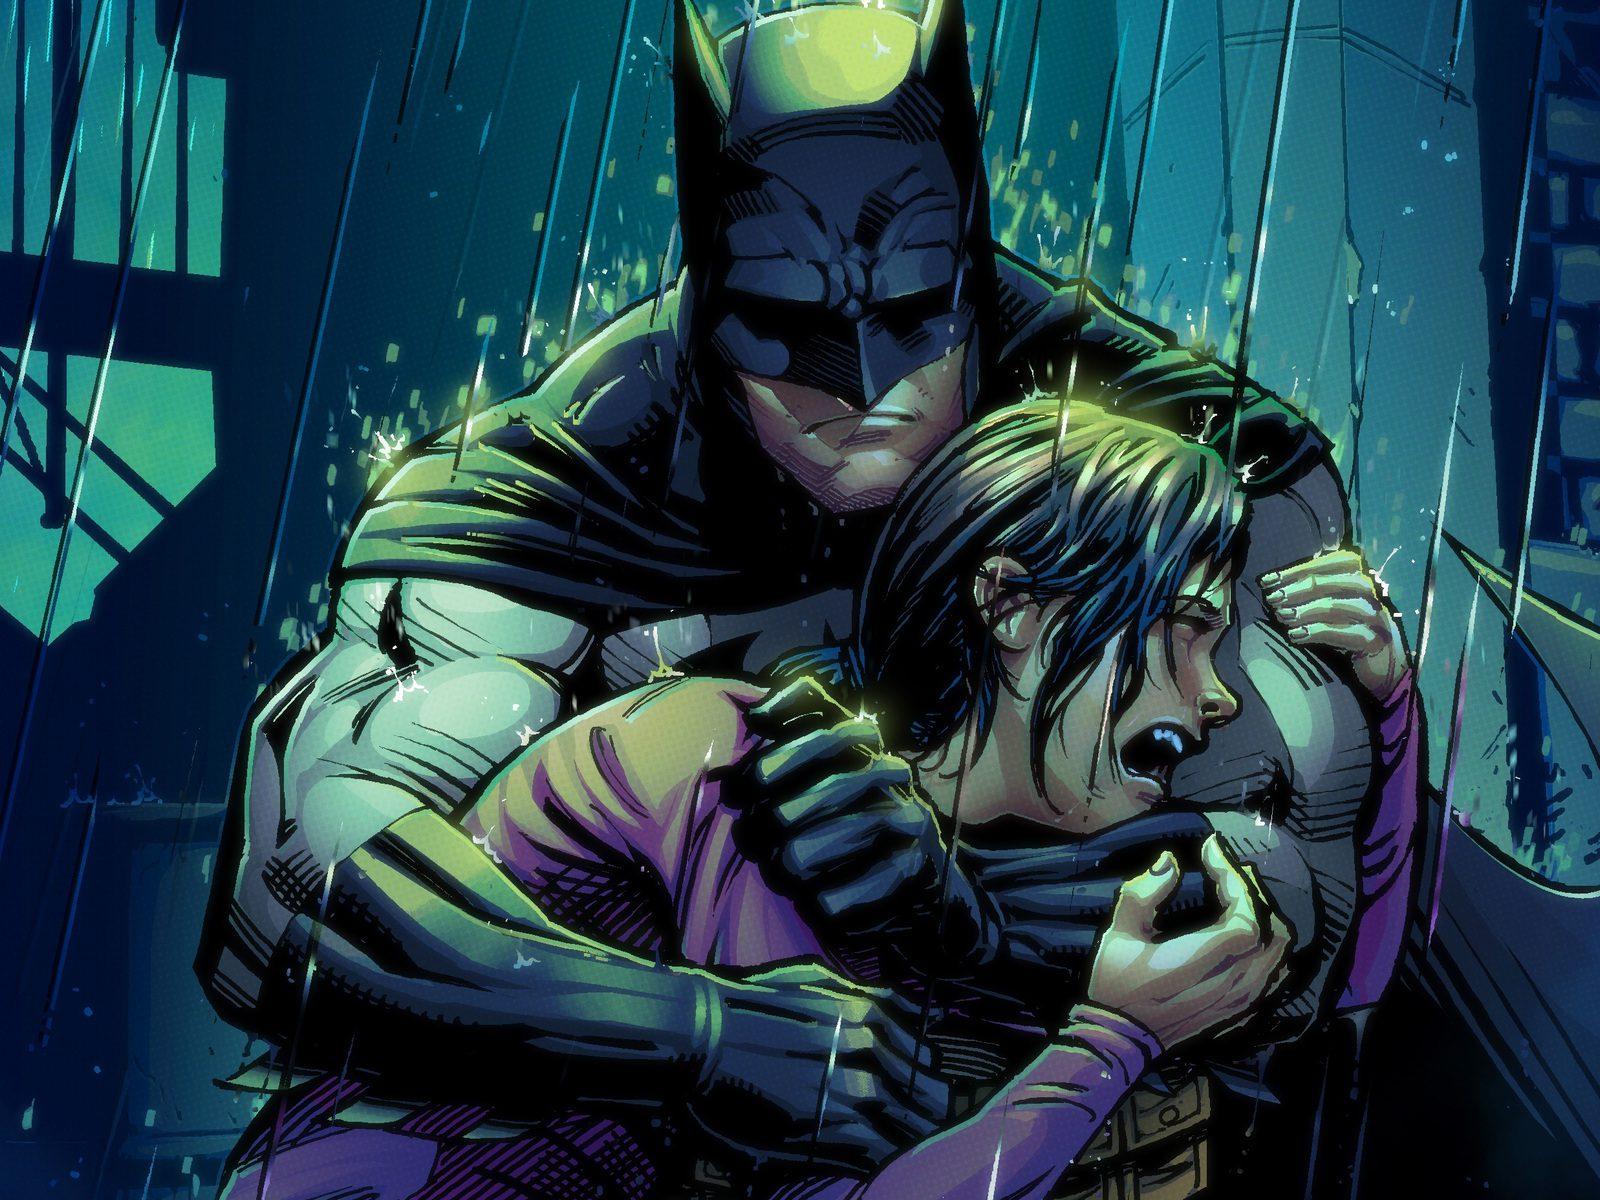 Batman y Robin llorando por los despidos de DC.